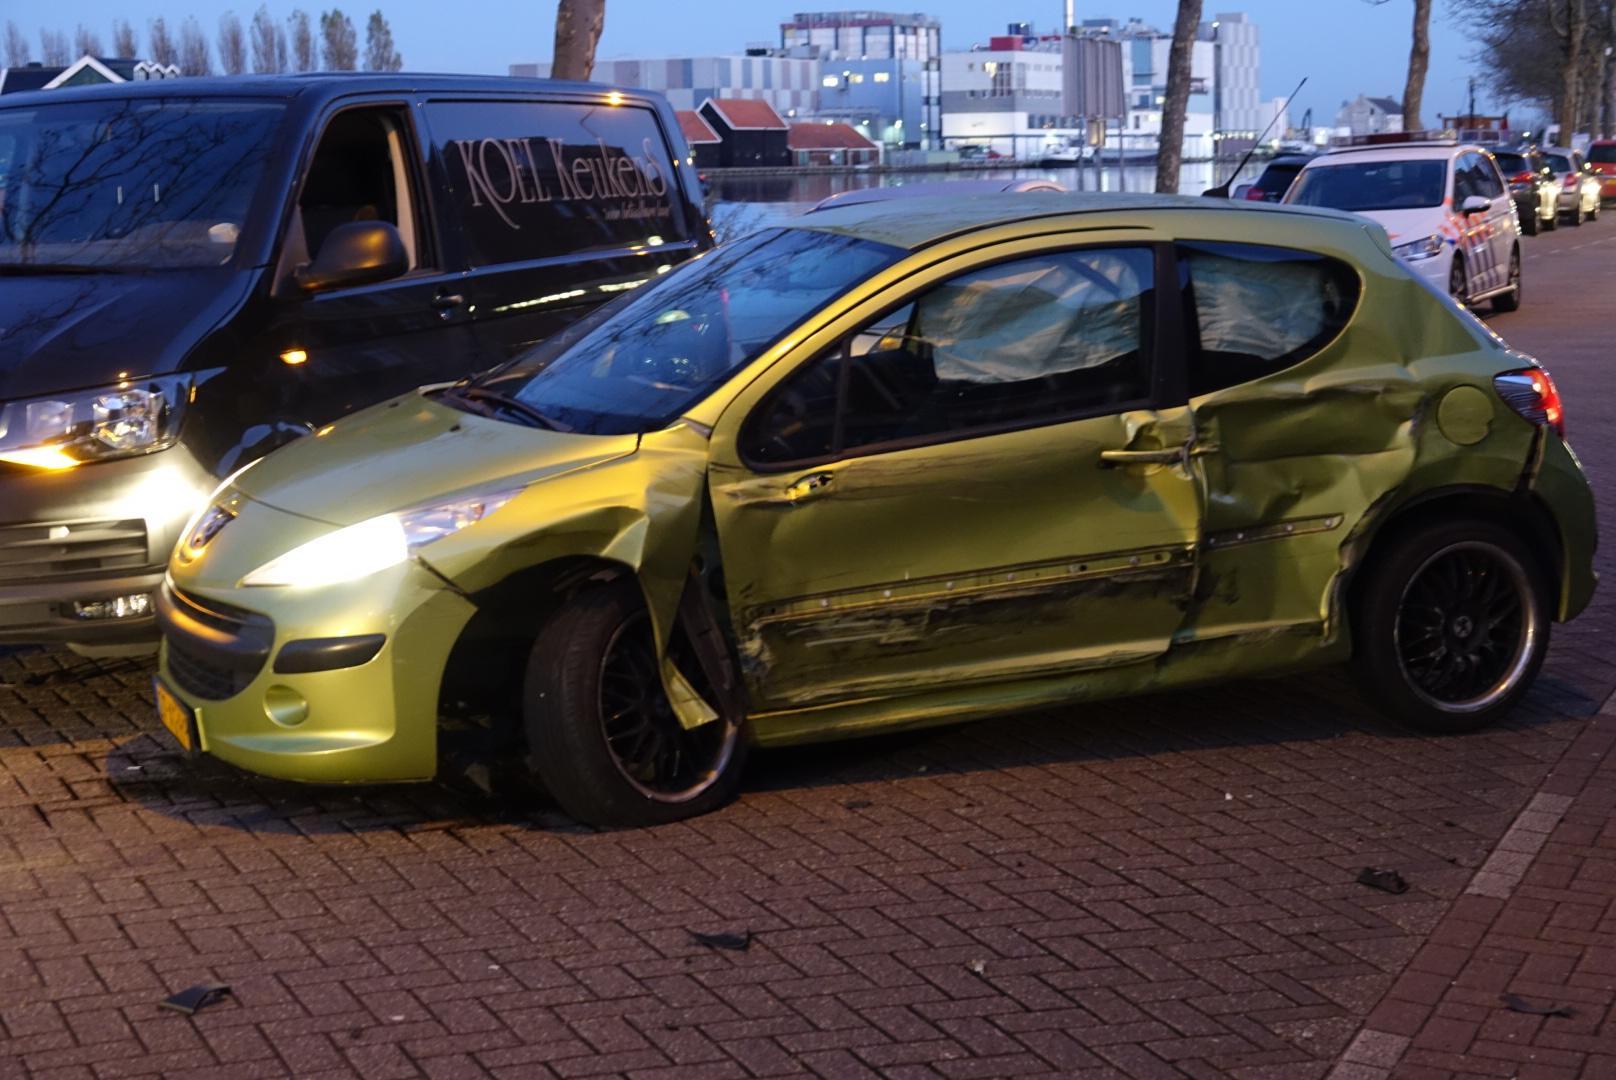 Vier wagens betrokken bij ongeluk in Wormerveer na mislukte inhaalactie